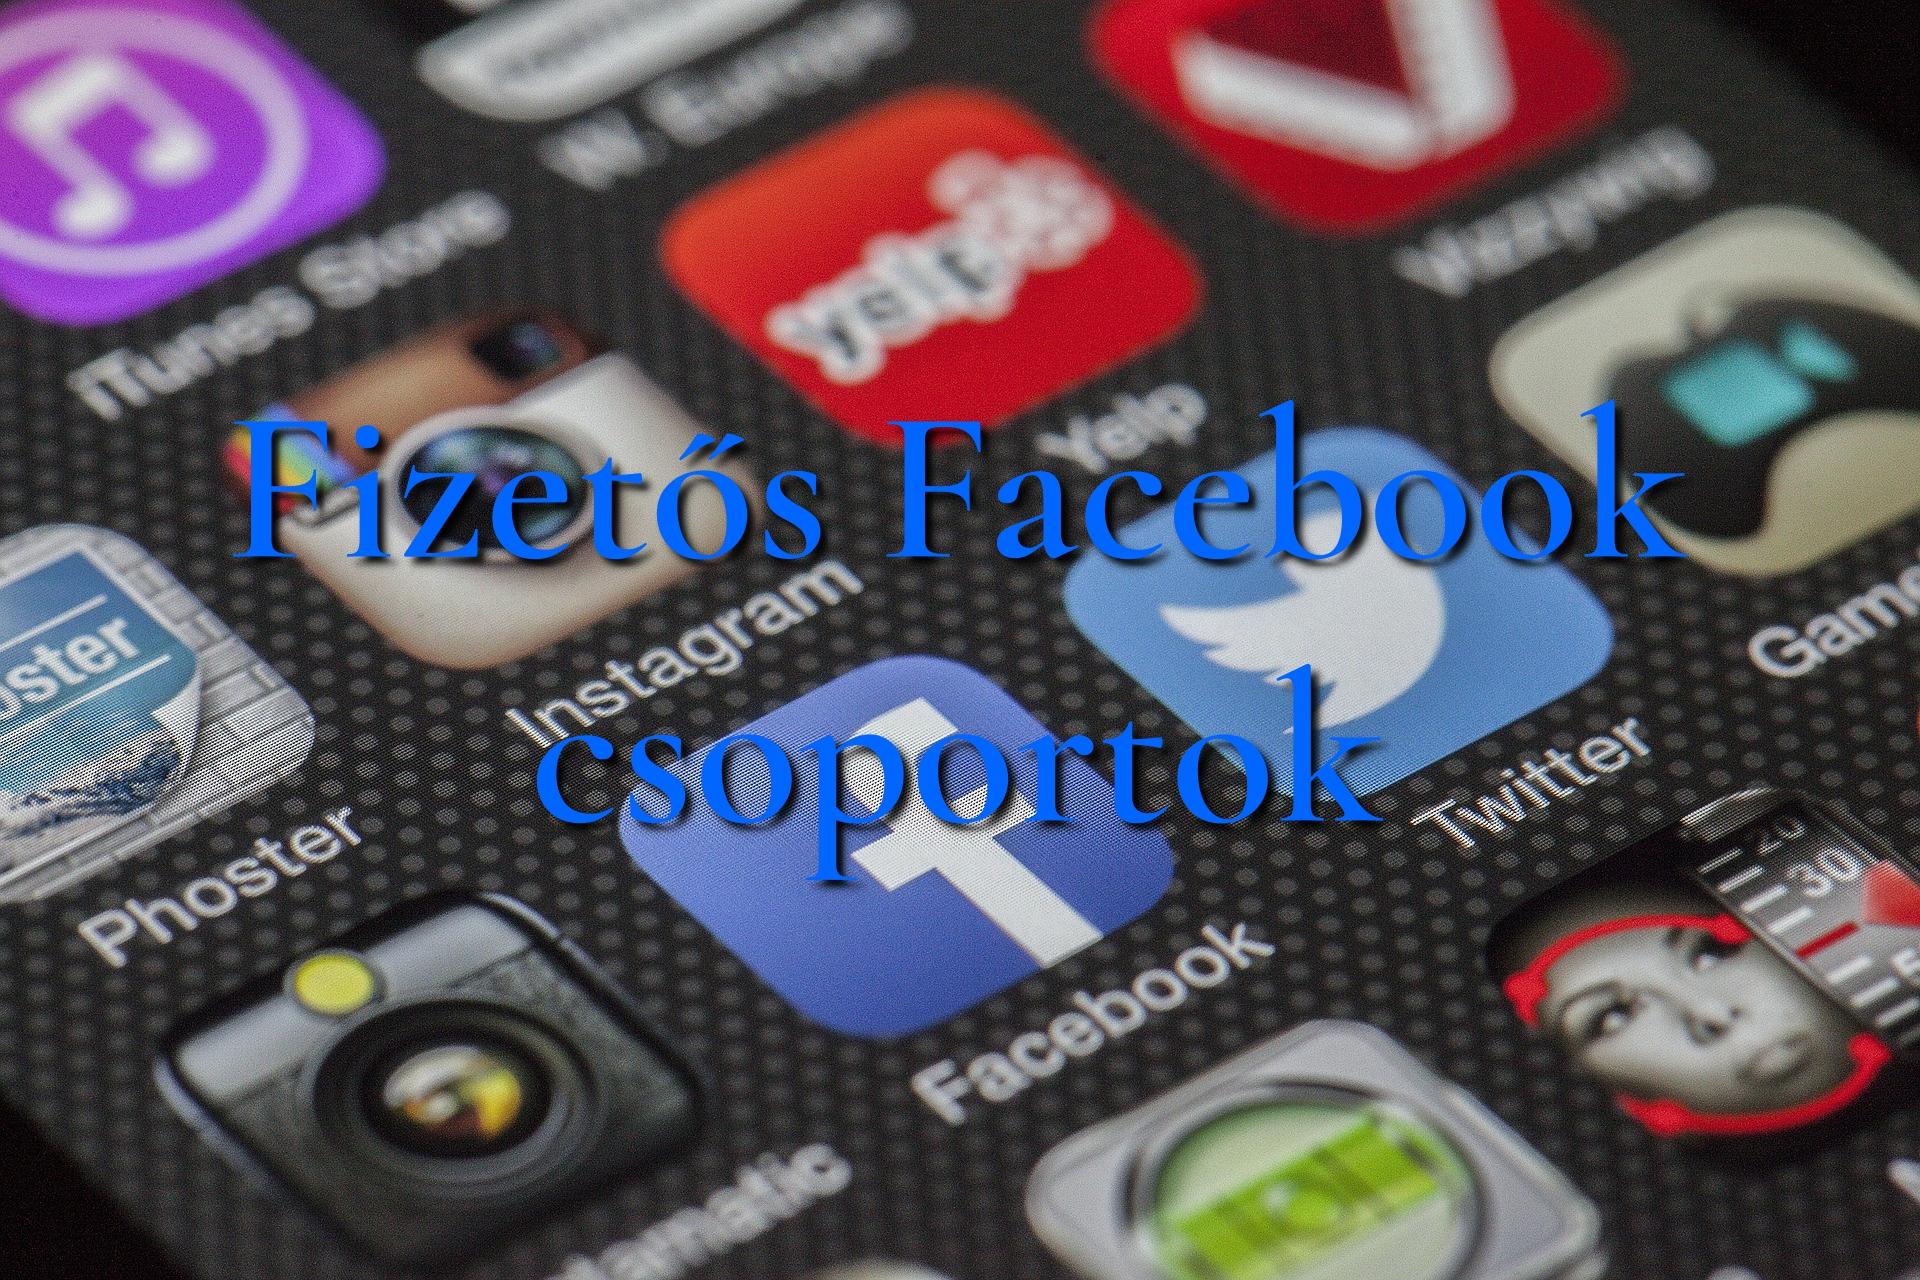 Fizetős Facebook csoportok